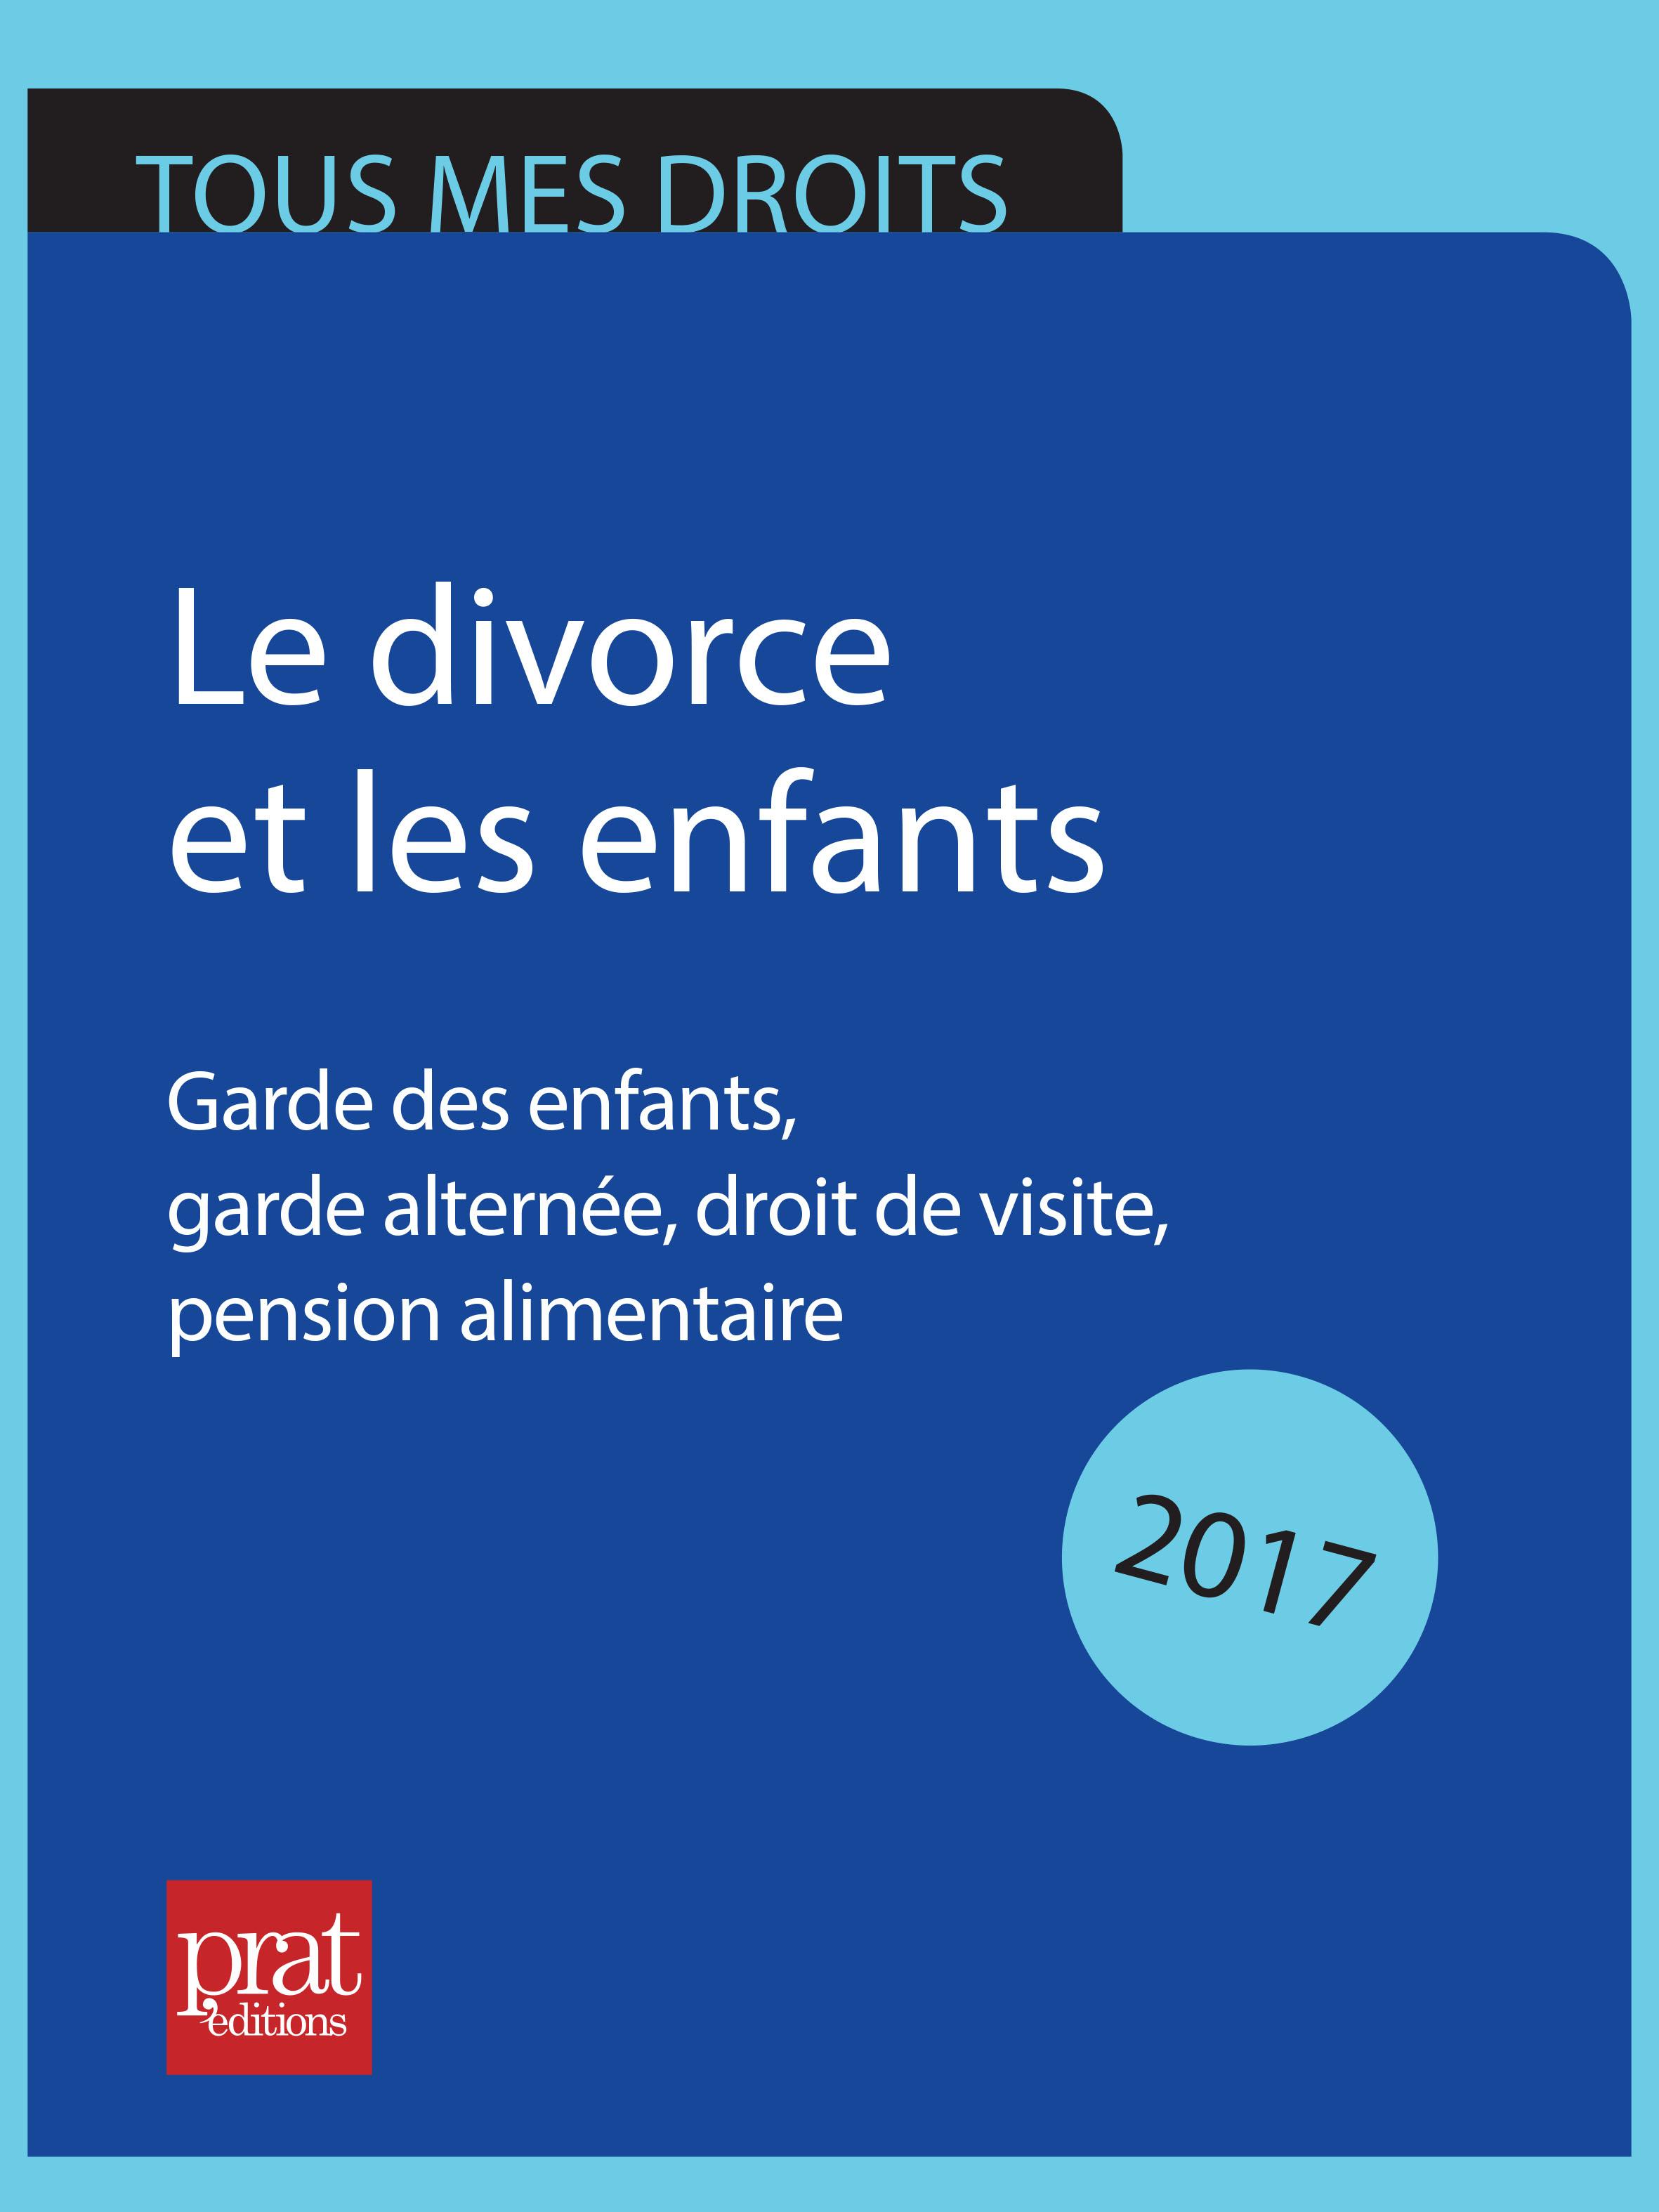 Le divorce et les enfants